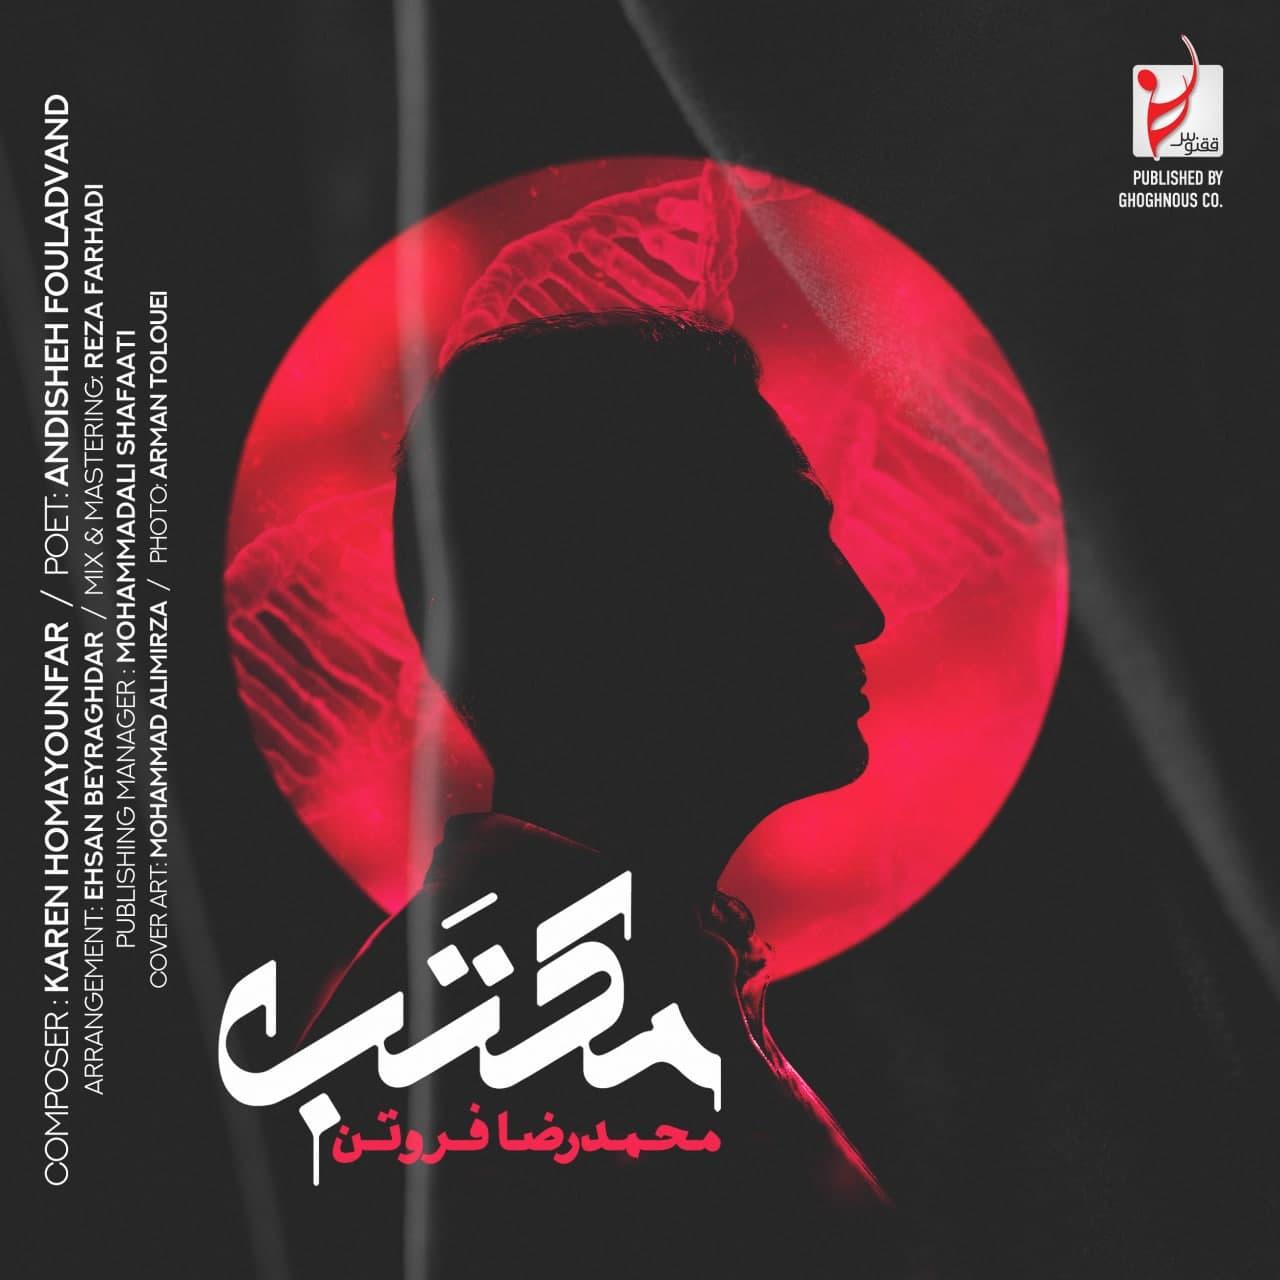 دانلود آهنگ جدید محمدرضا فروتن بنام مکتب